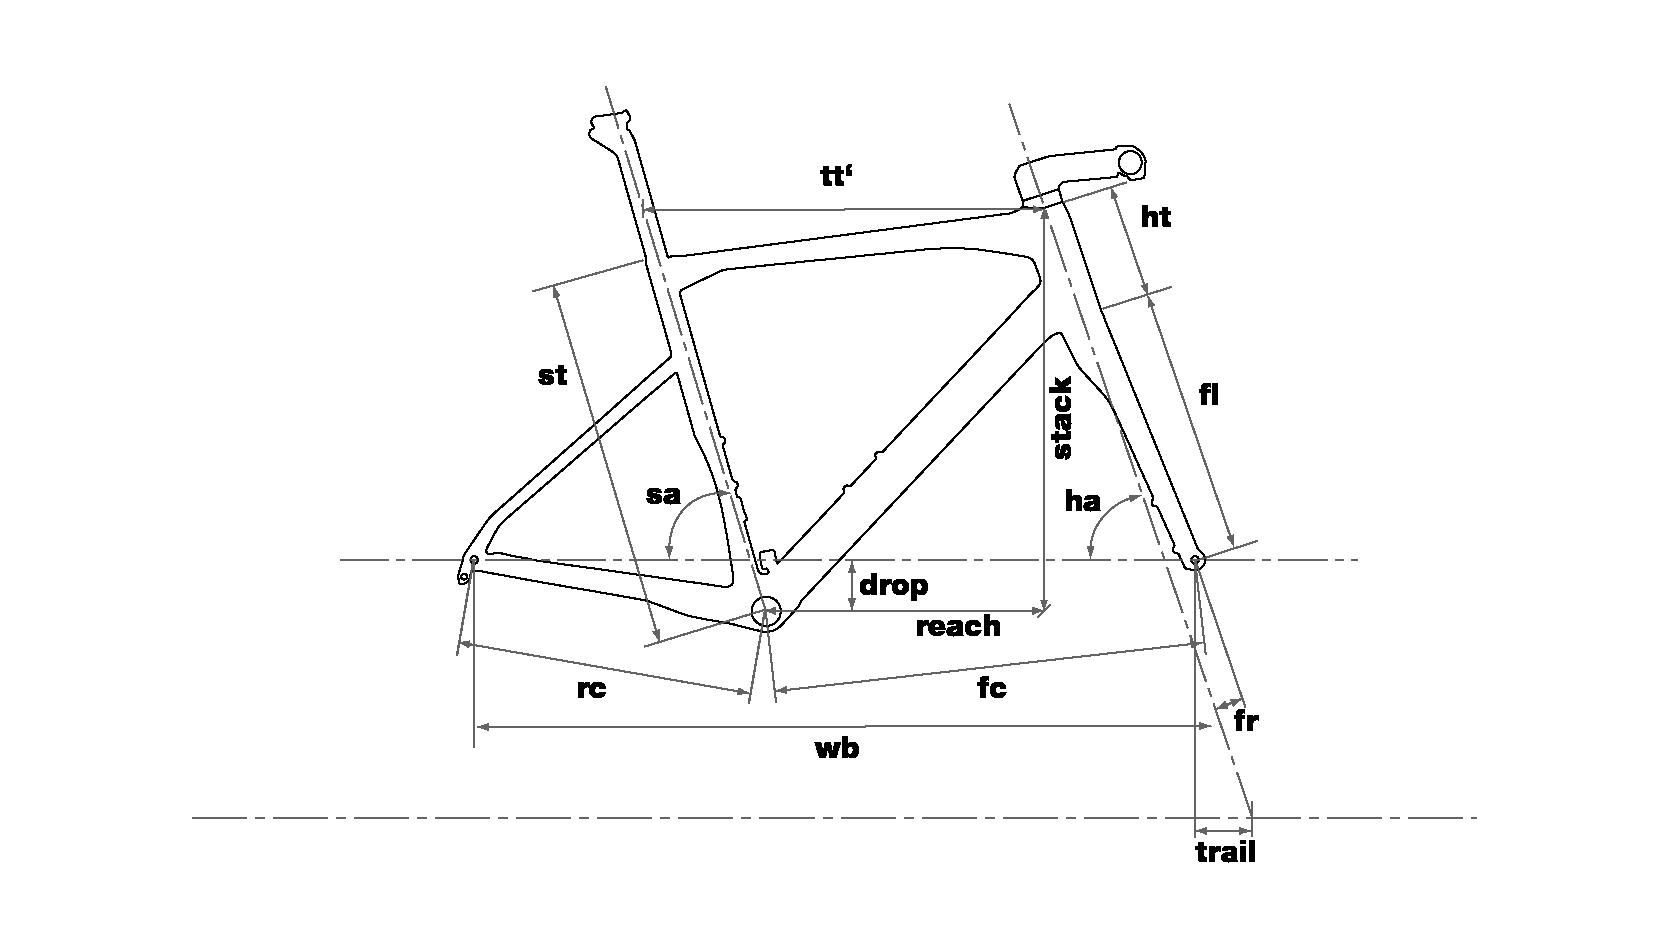 BMC-20-RM01-02